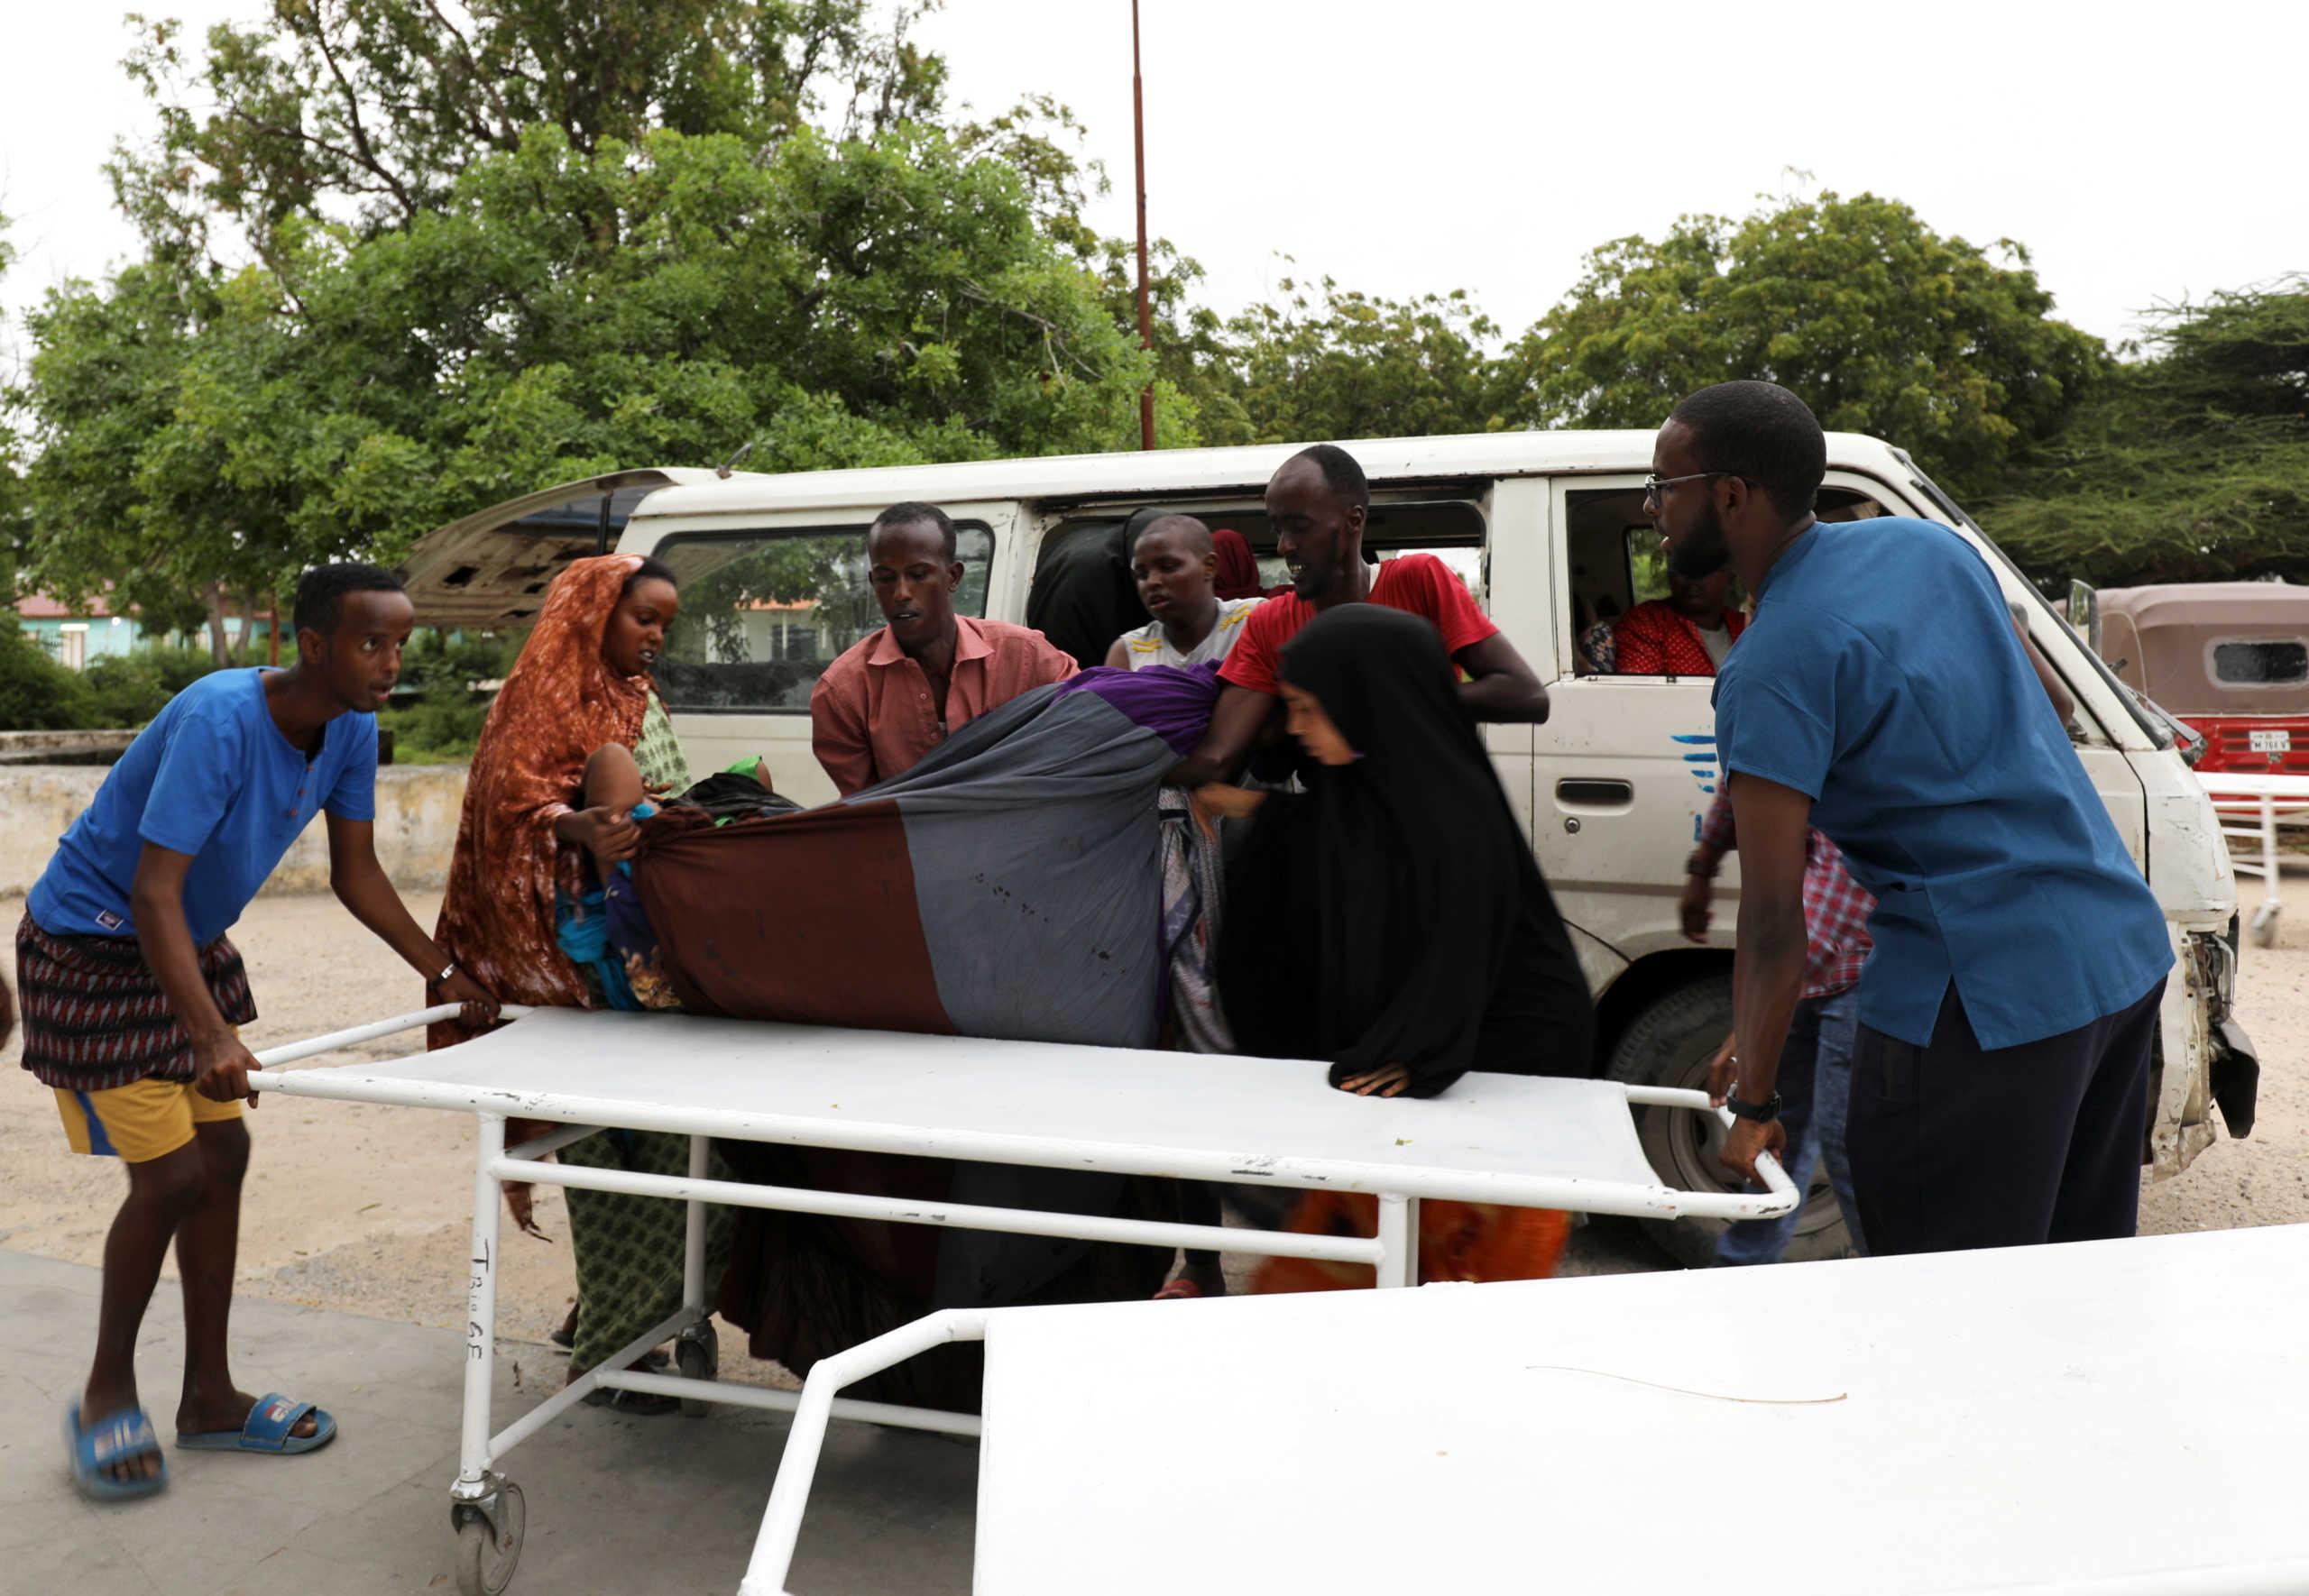 Λουτρό αίματος στη Σομαλία – 17 νεκροί από τρομοκρατική επίθεση σε ξενοδοχείο